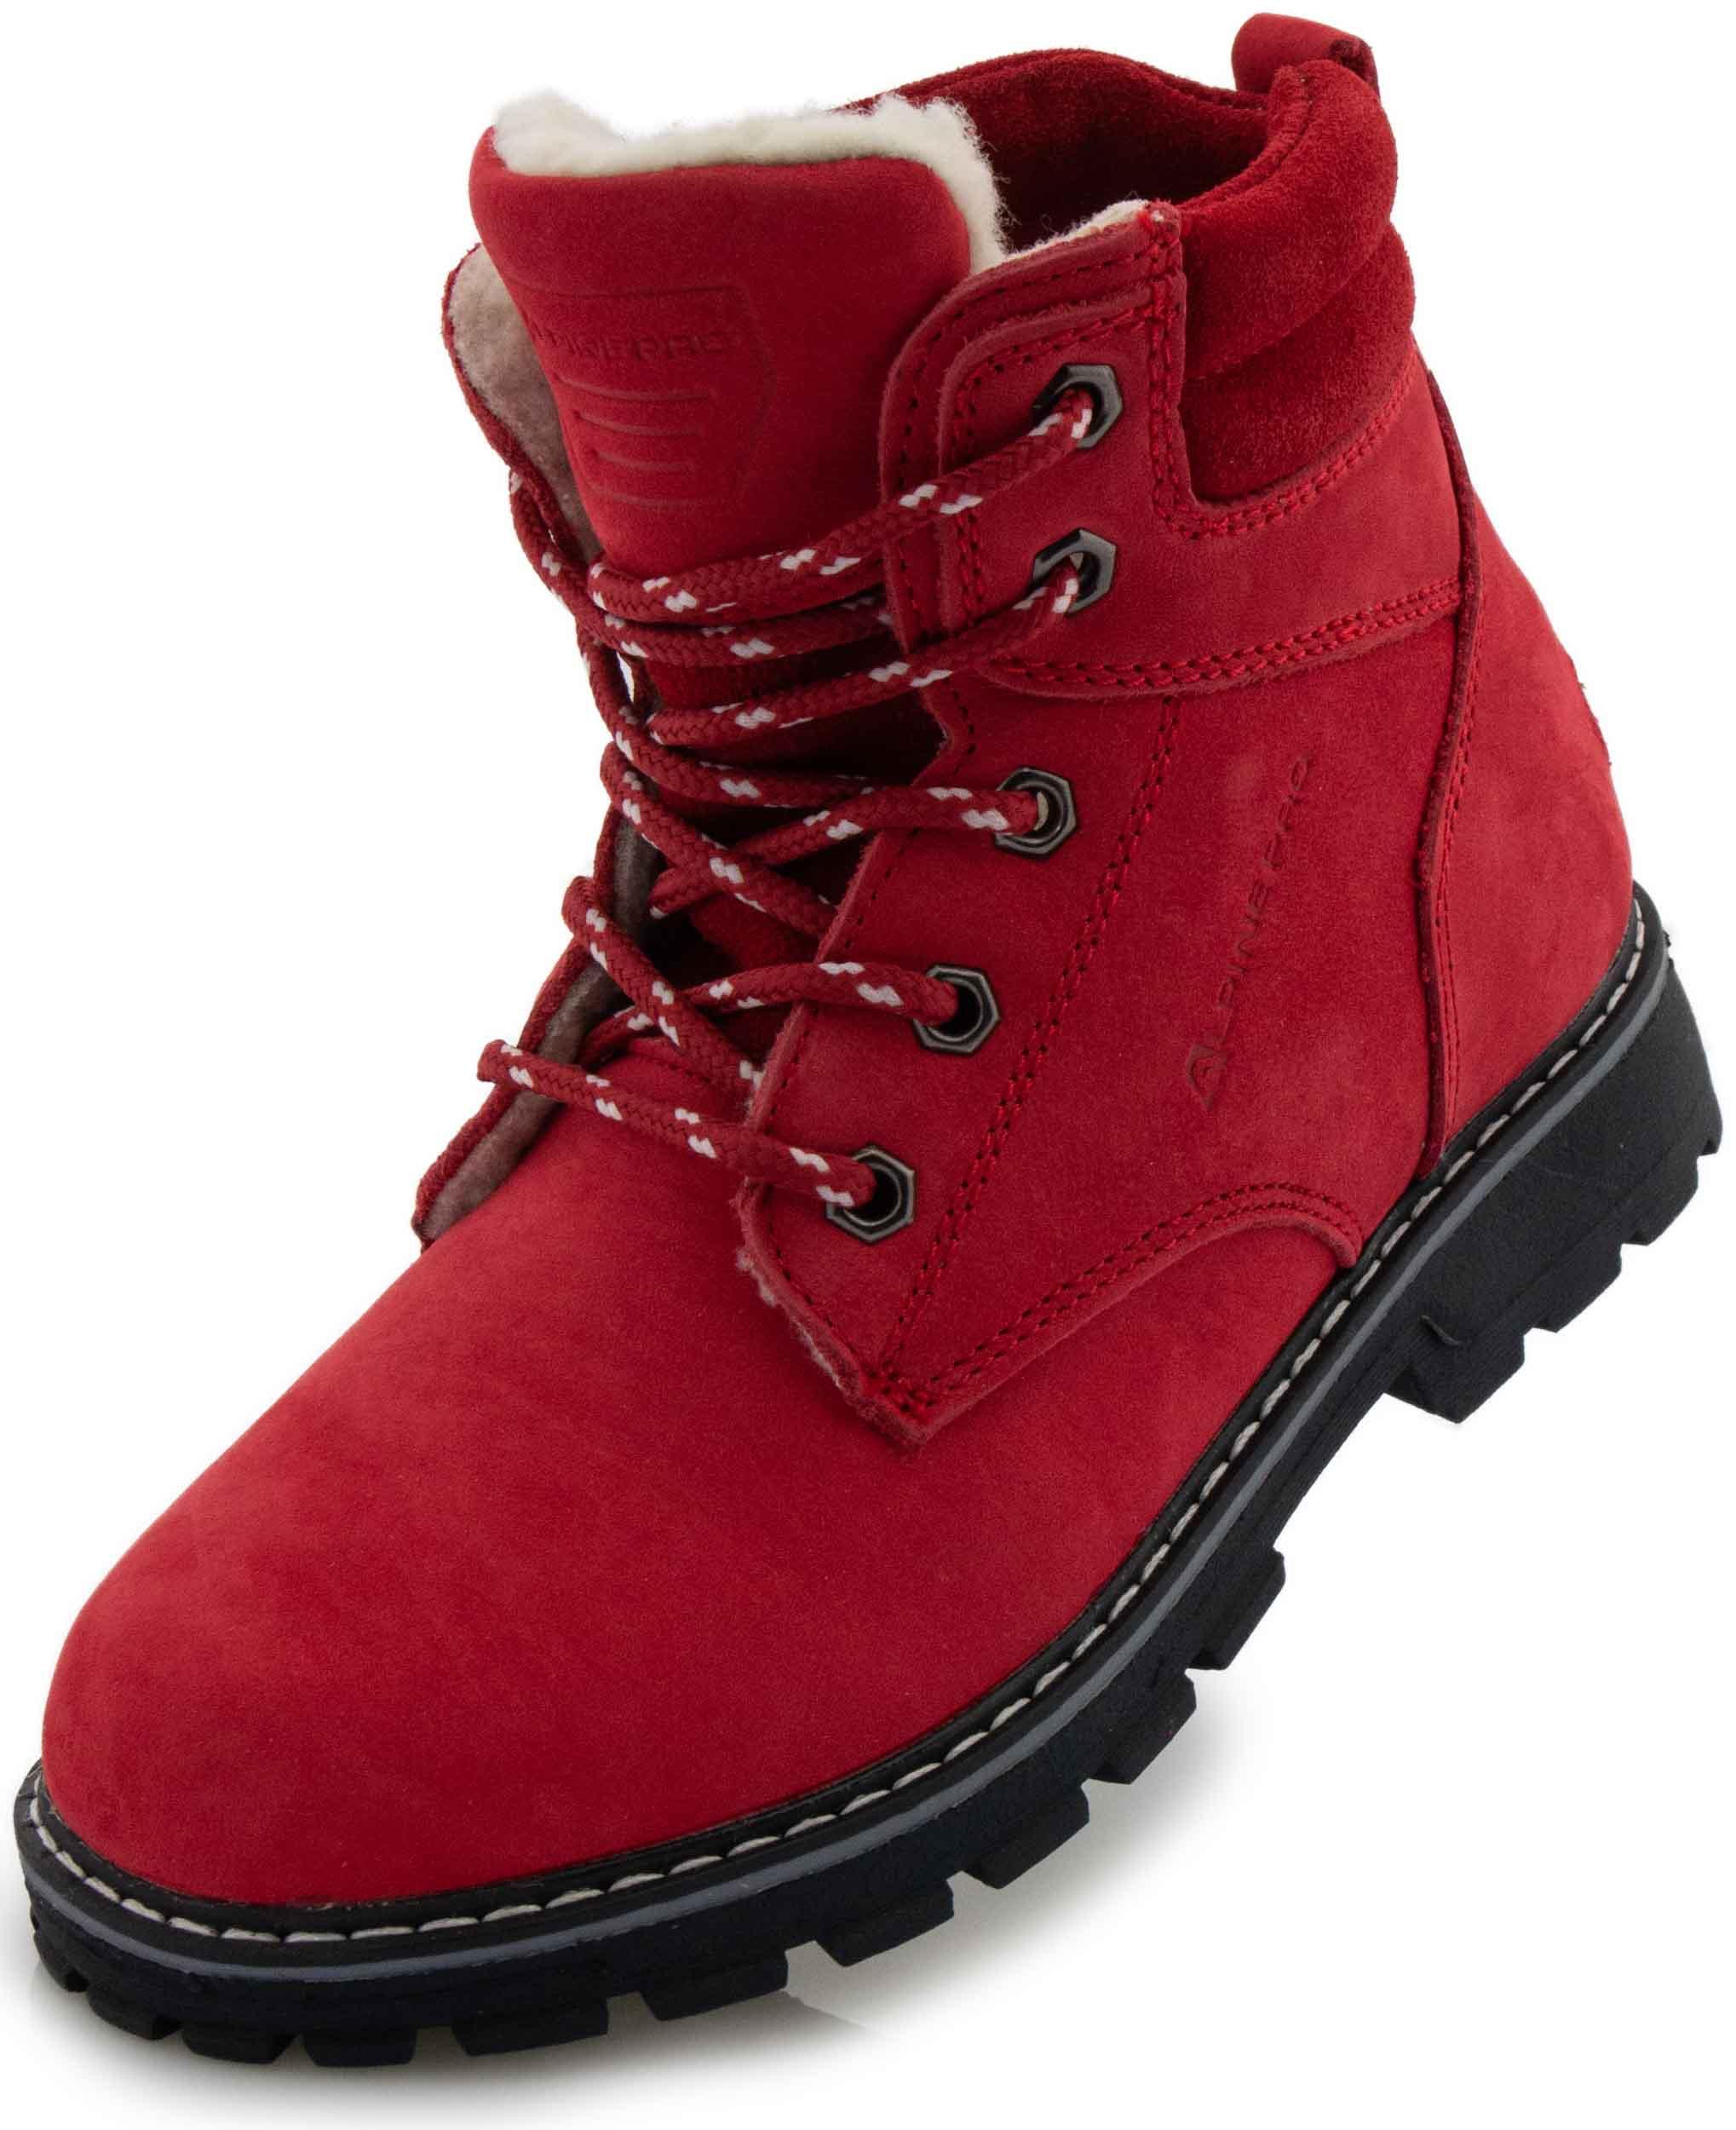 Obuv   Dětská zimní obuv Alpine Pro Jinny 2d76abeeaac